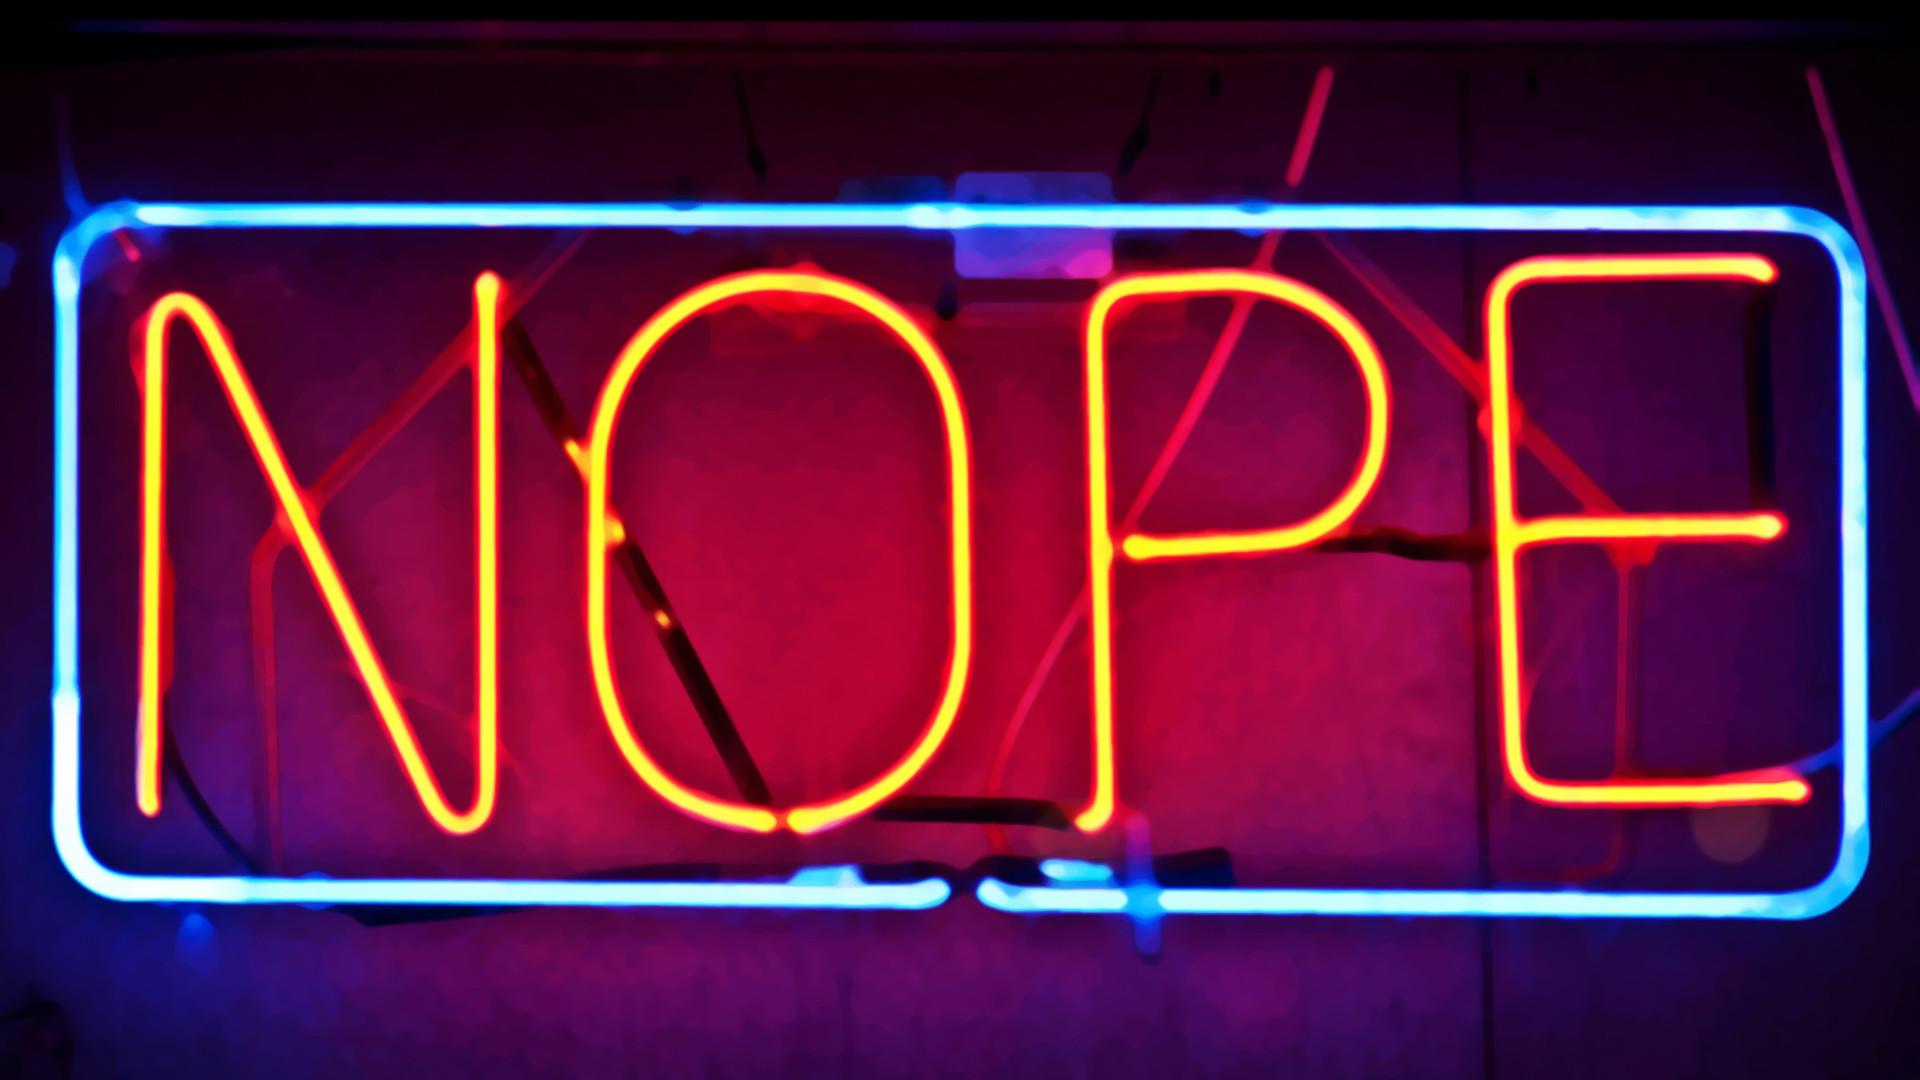 Res: 1920x1080, Fotografie - Neon Wallpaper